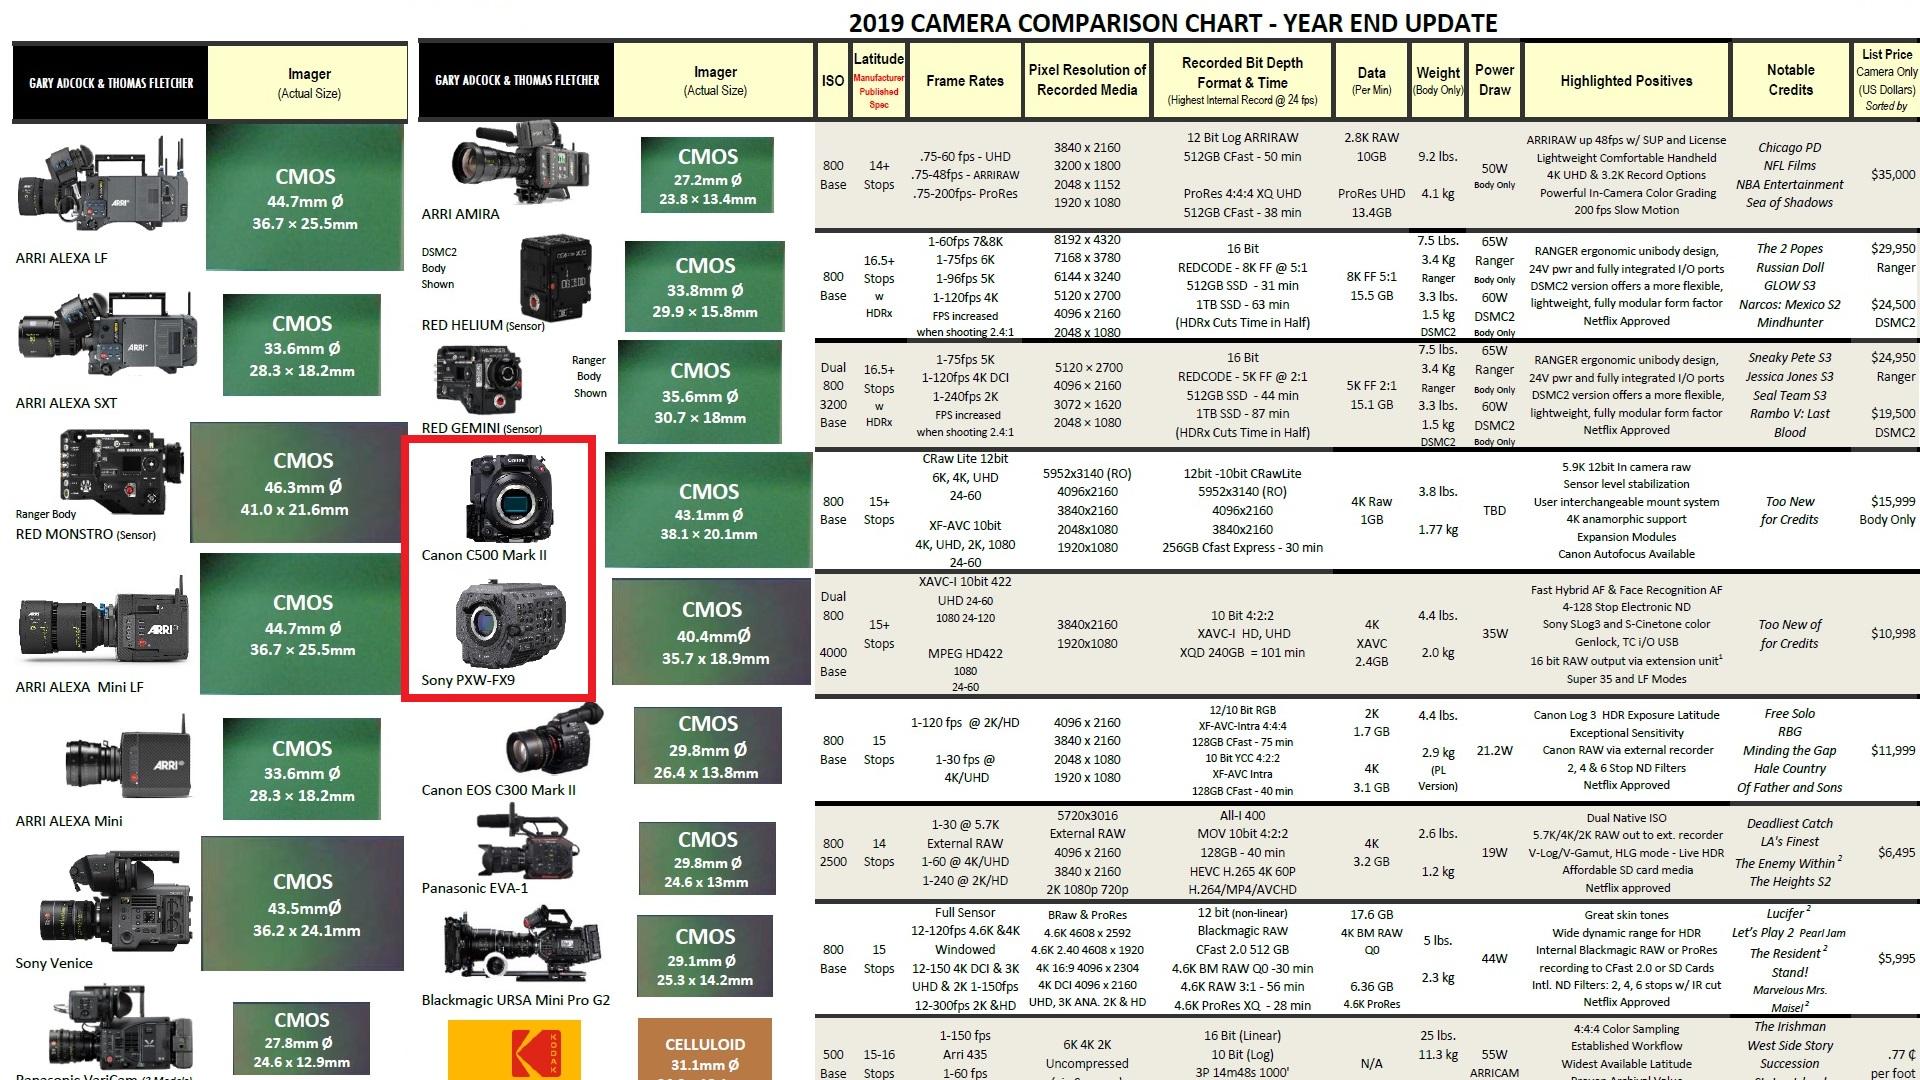 カメラ比較チャート2019がアップデート